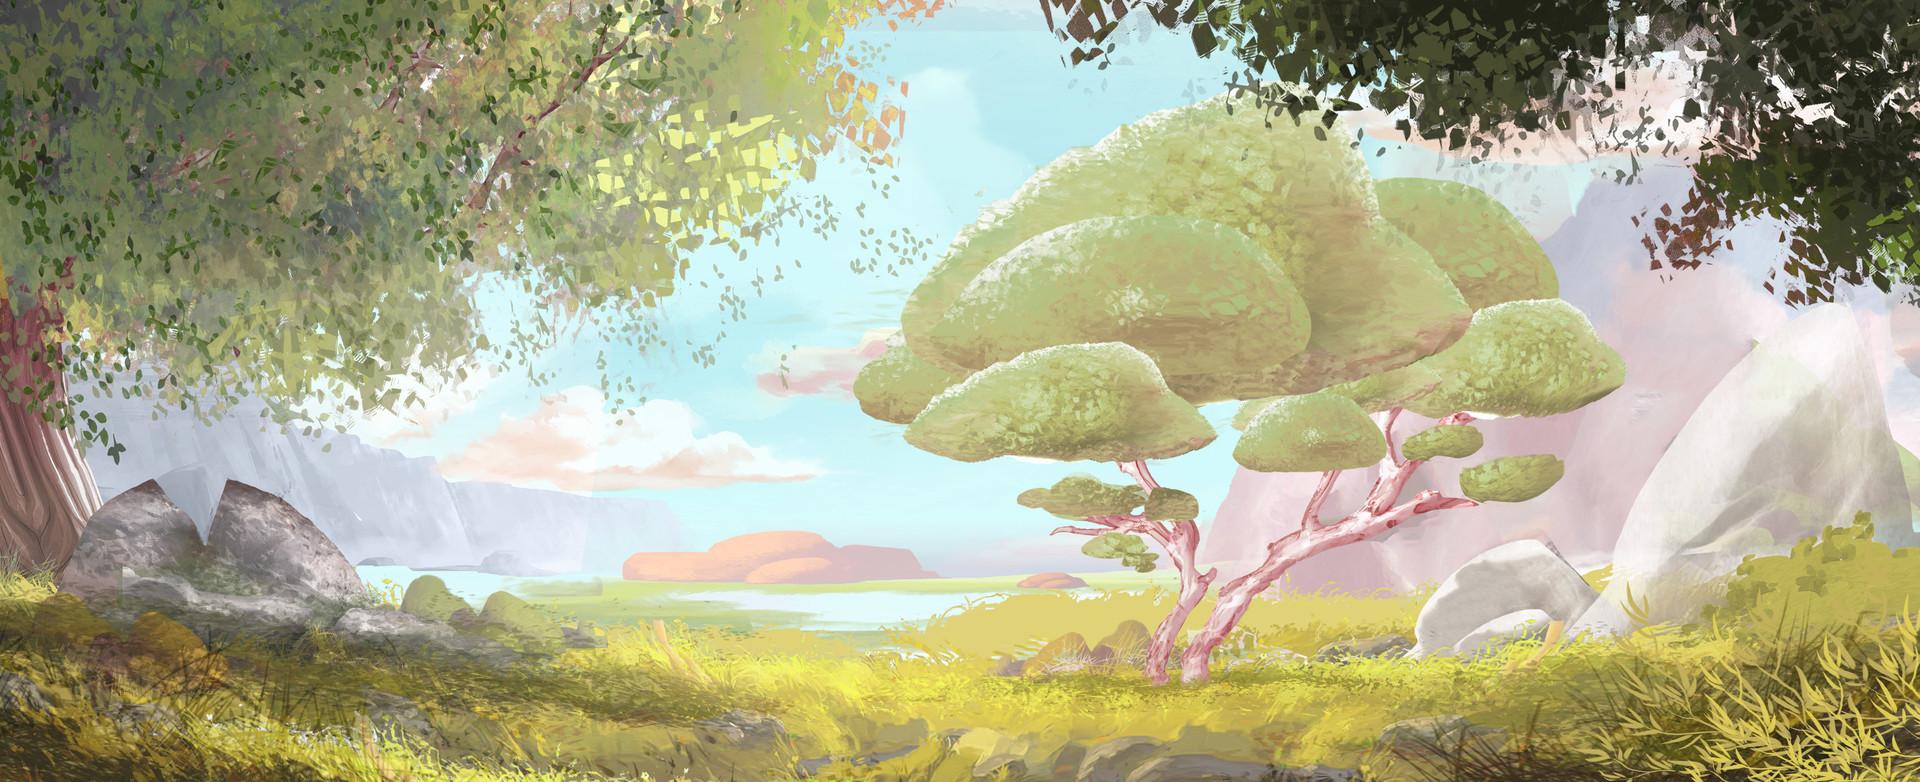 Paysage Concept artstation - paysage concept art étude, renaud lachery